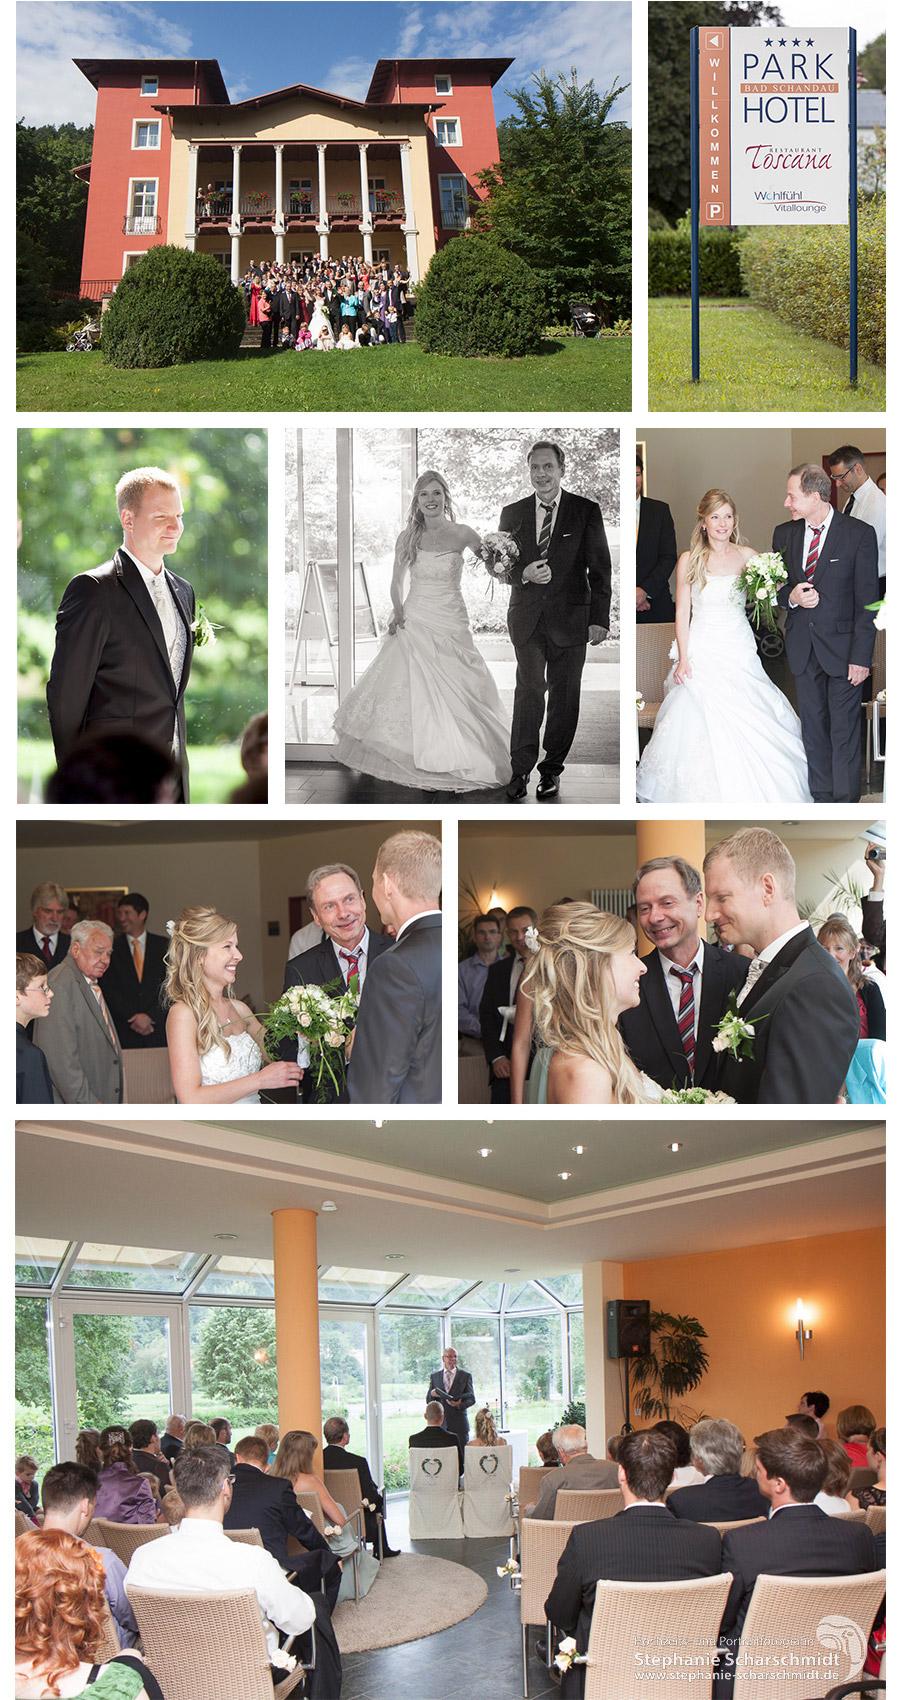 Hochzeitsfotograf in Sachsen - Kirchliche Trauung im Parkhotel Bad Schandau in der Sächsischen Schweiz - Hochzeitsfotografin Stephanie Scharschmidt